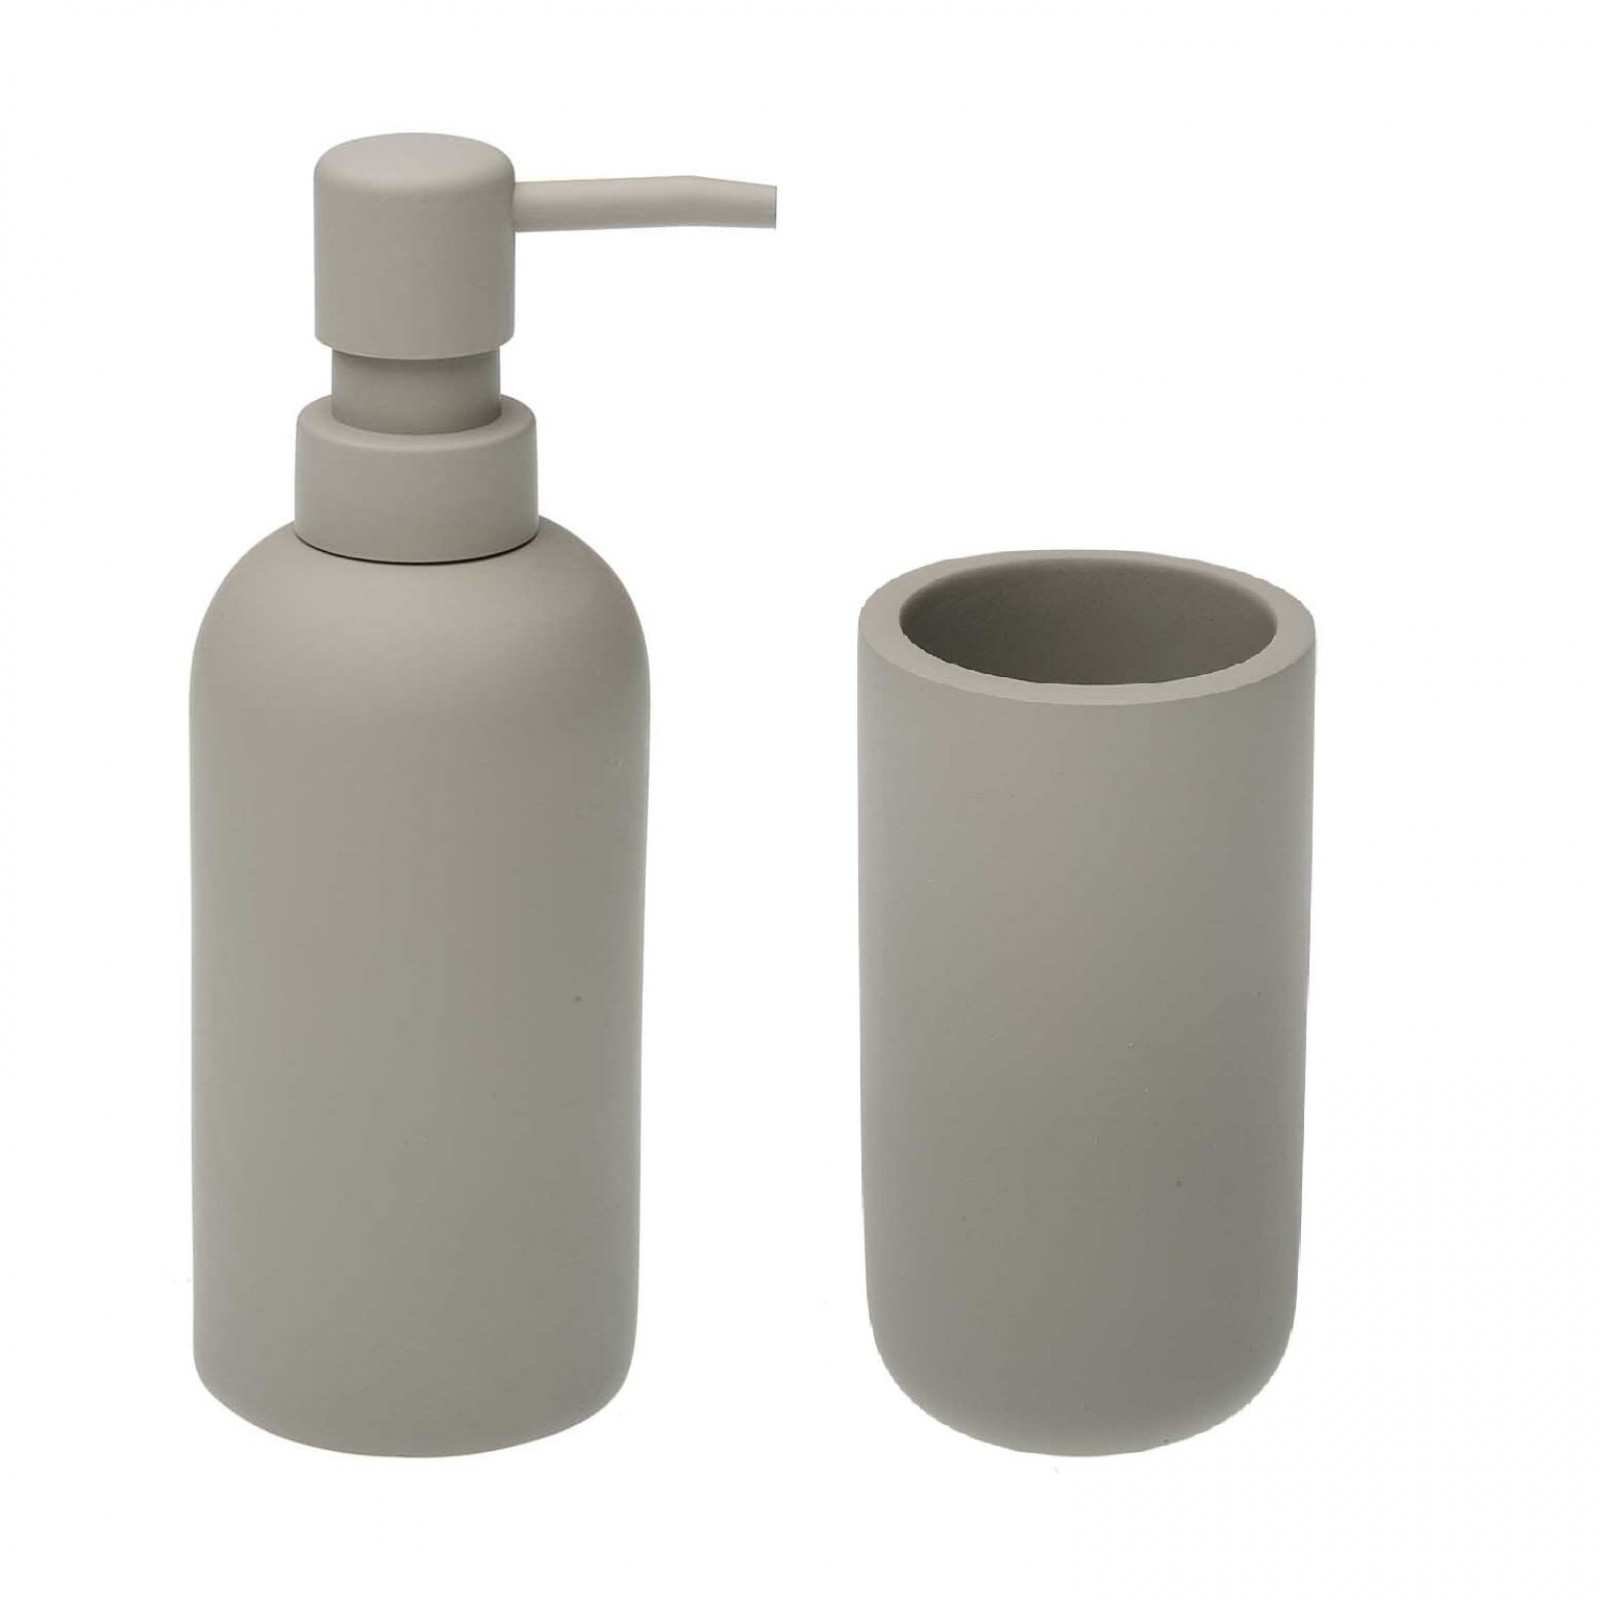 Resin Soap Dispenser & Tumbler Set (Light Grey)